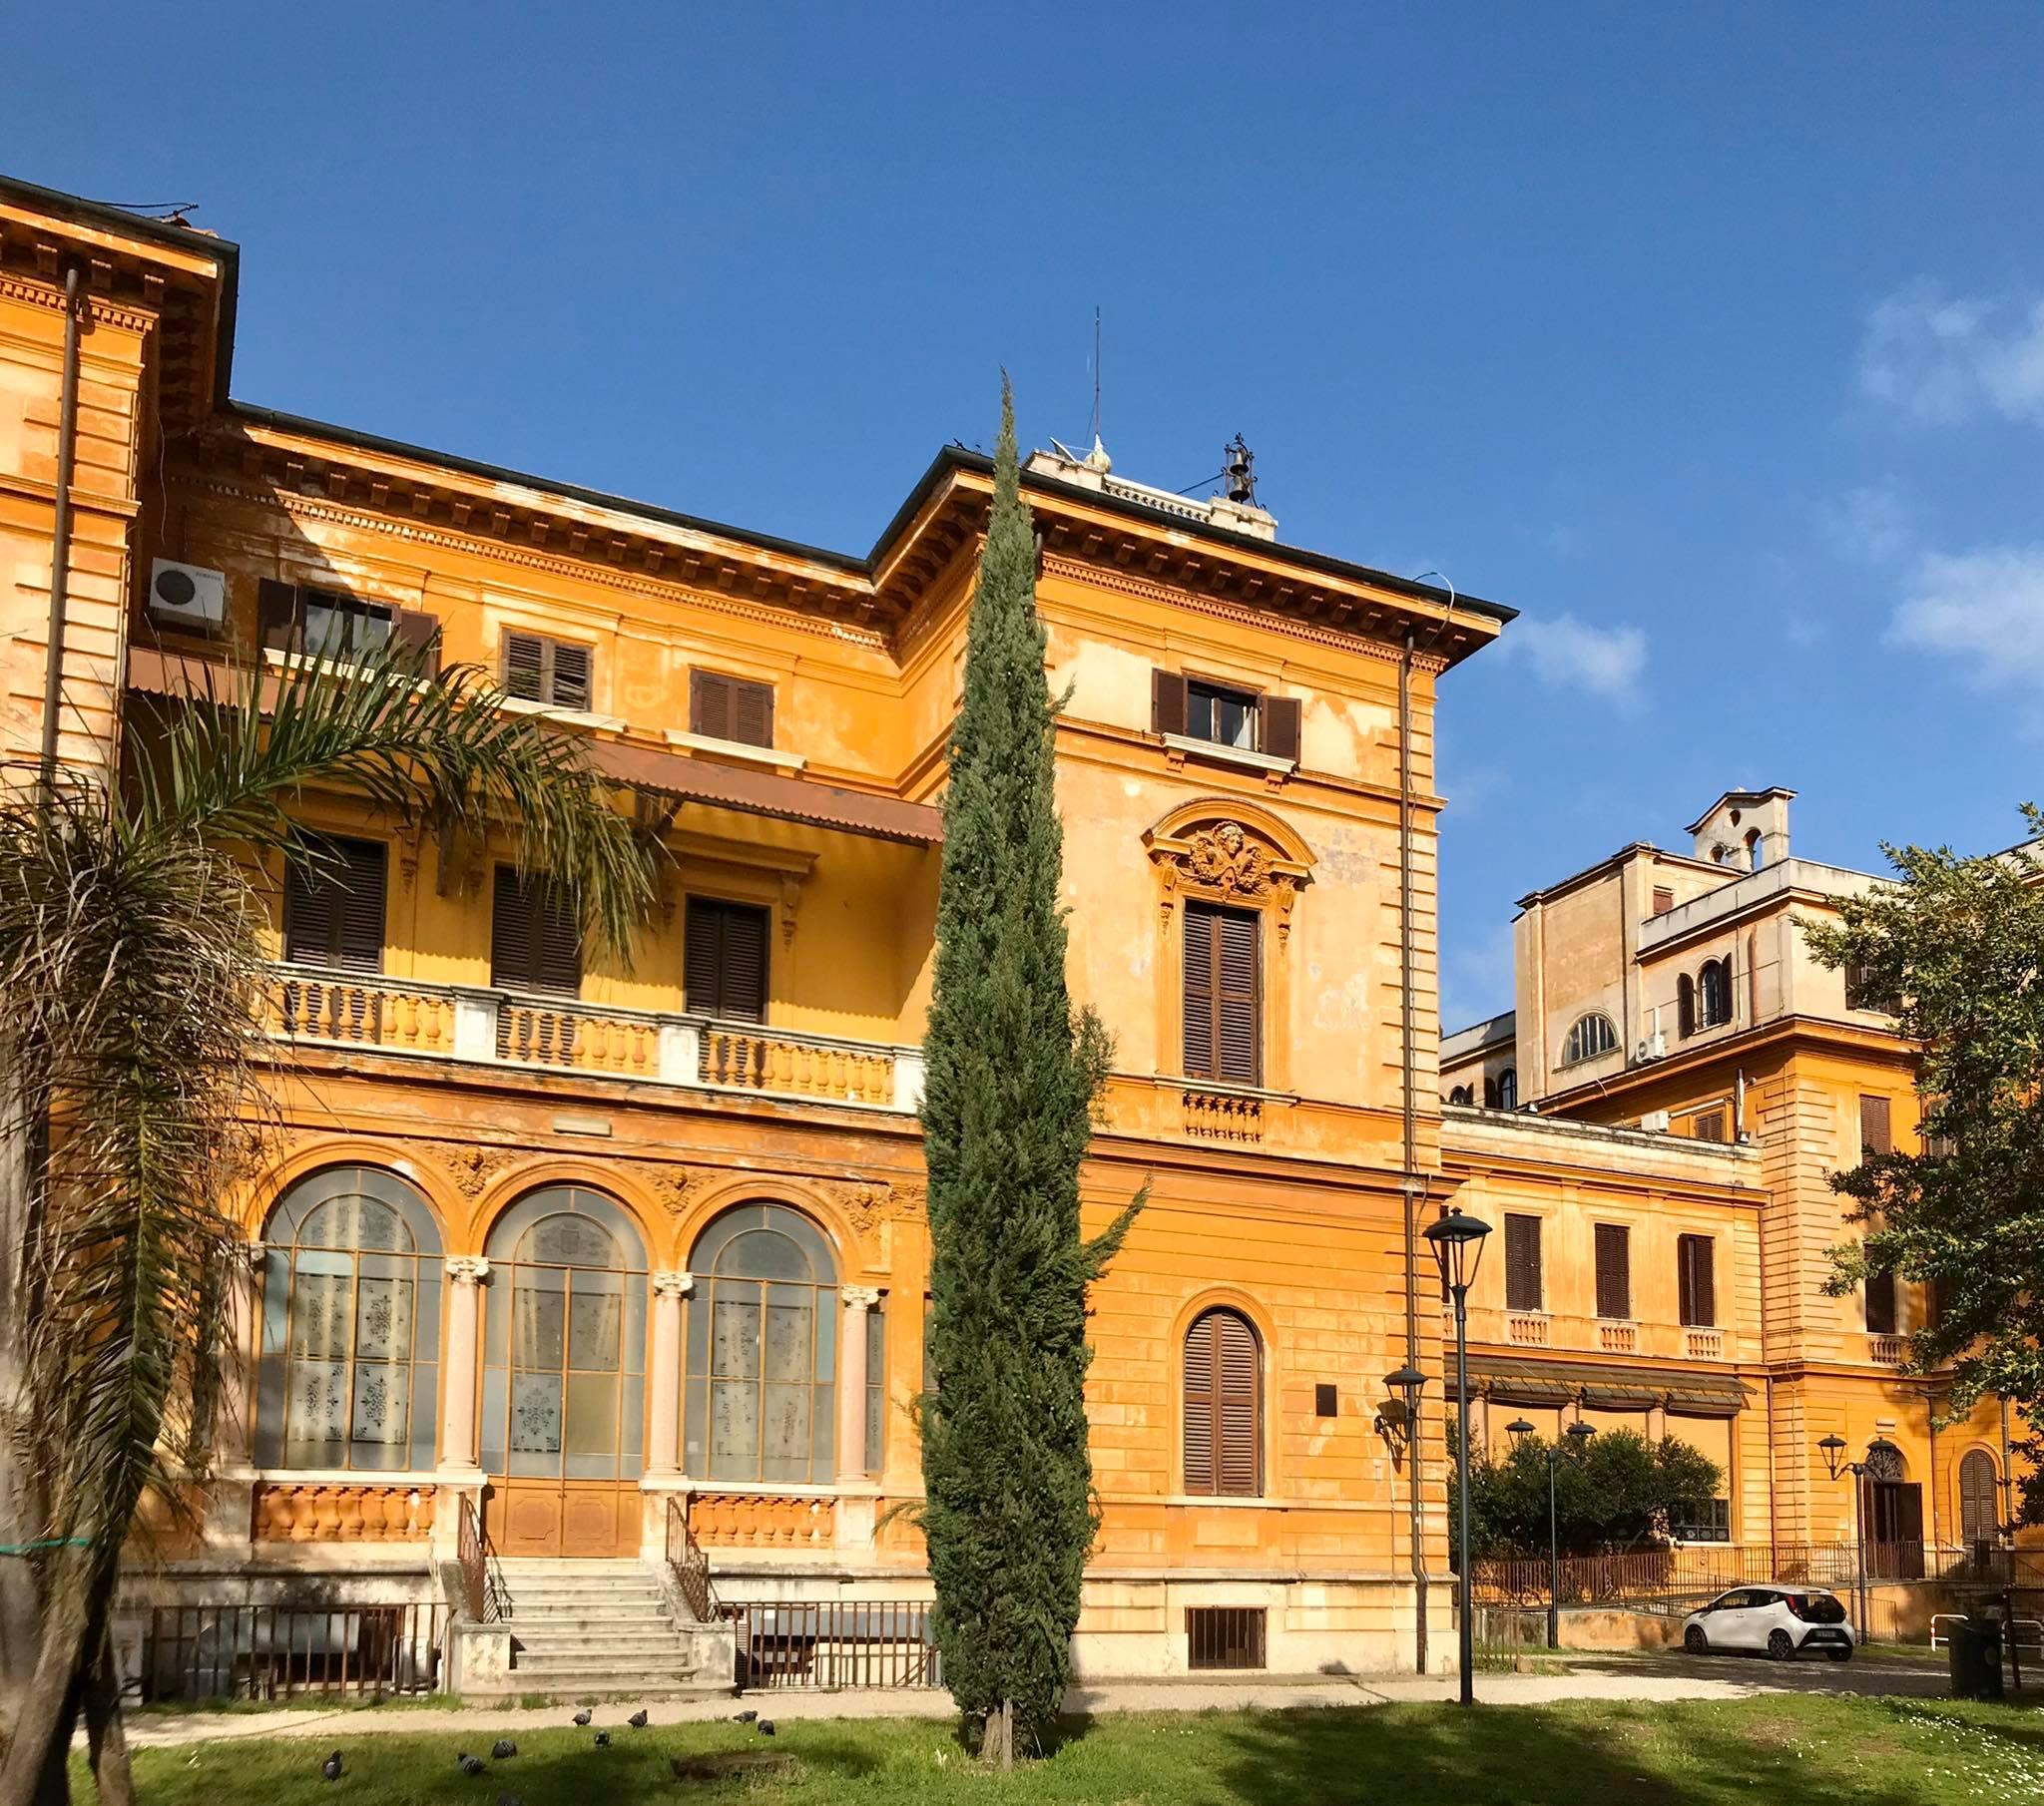 Villa A Tre Piani villa mirafiori - wikipedia